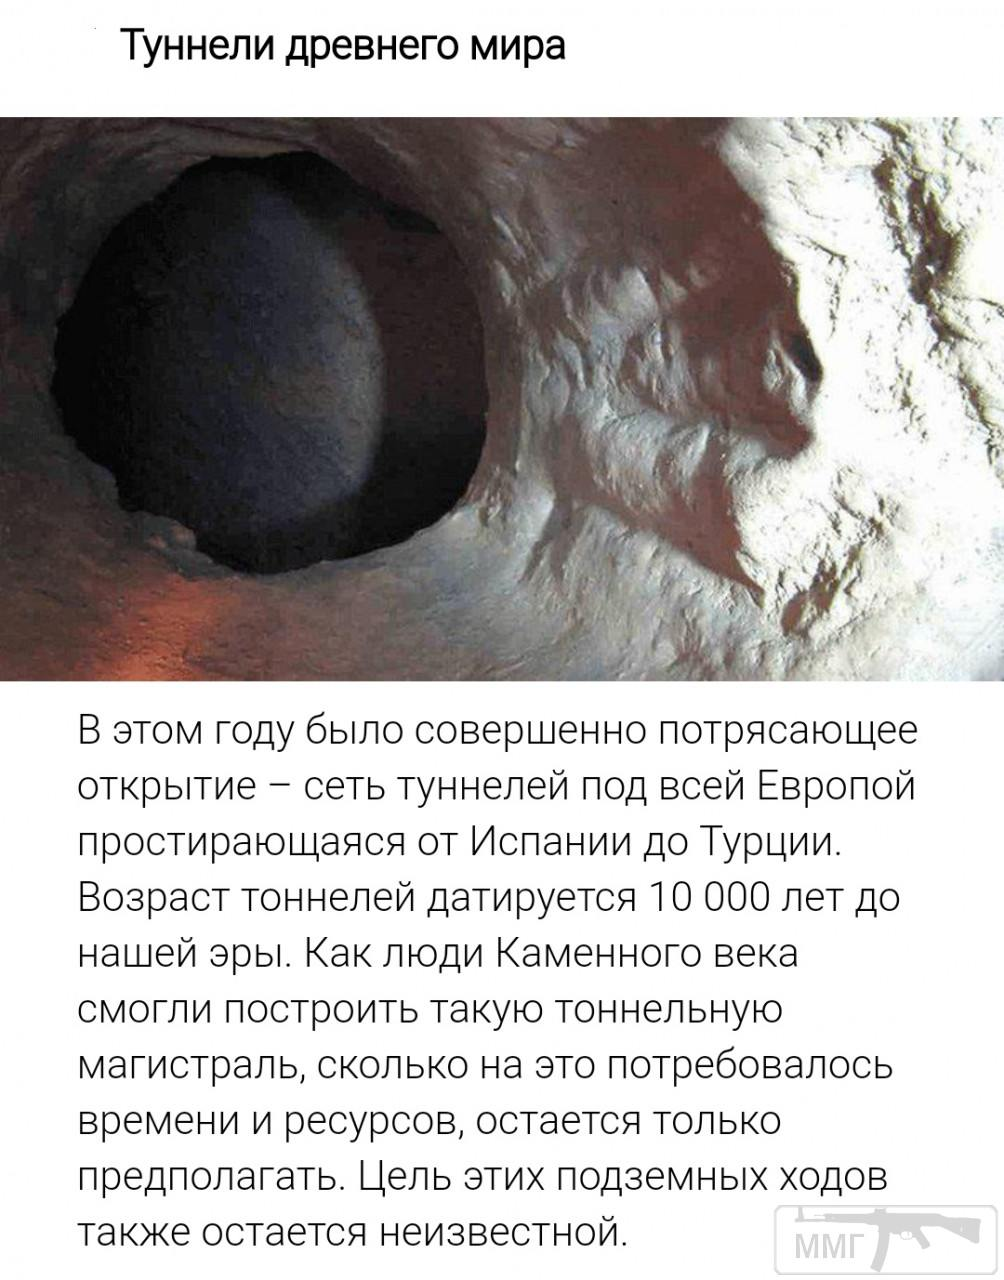 103594 - Просто интересные исторические факты.